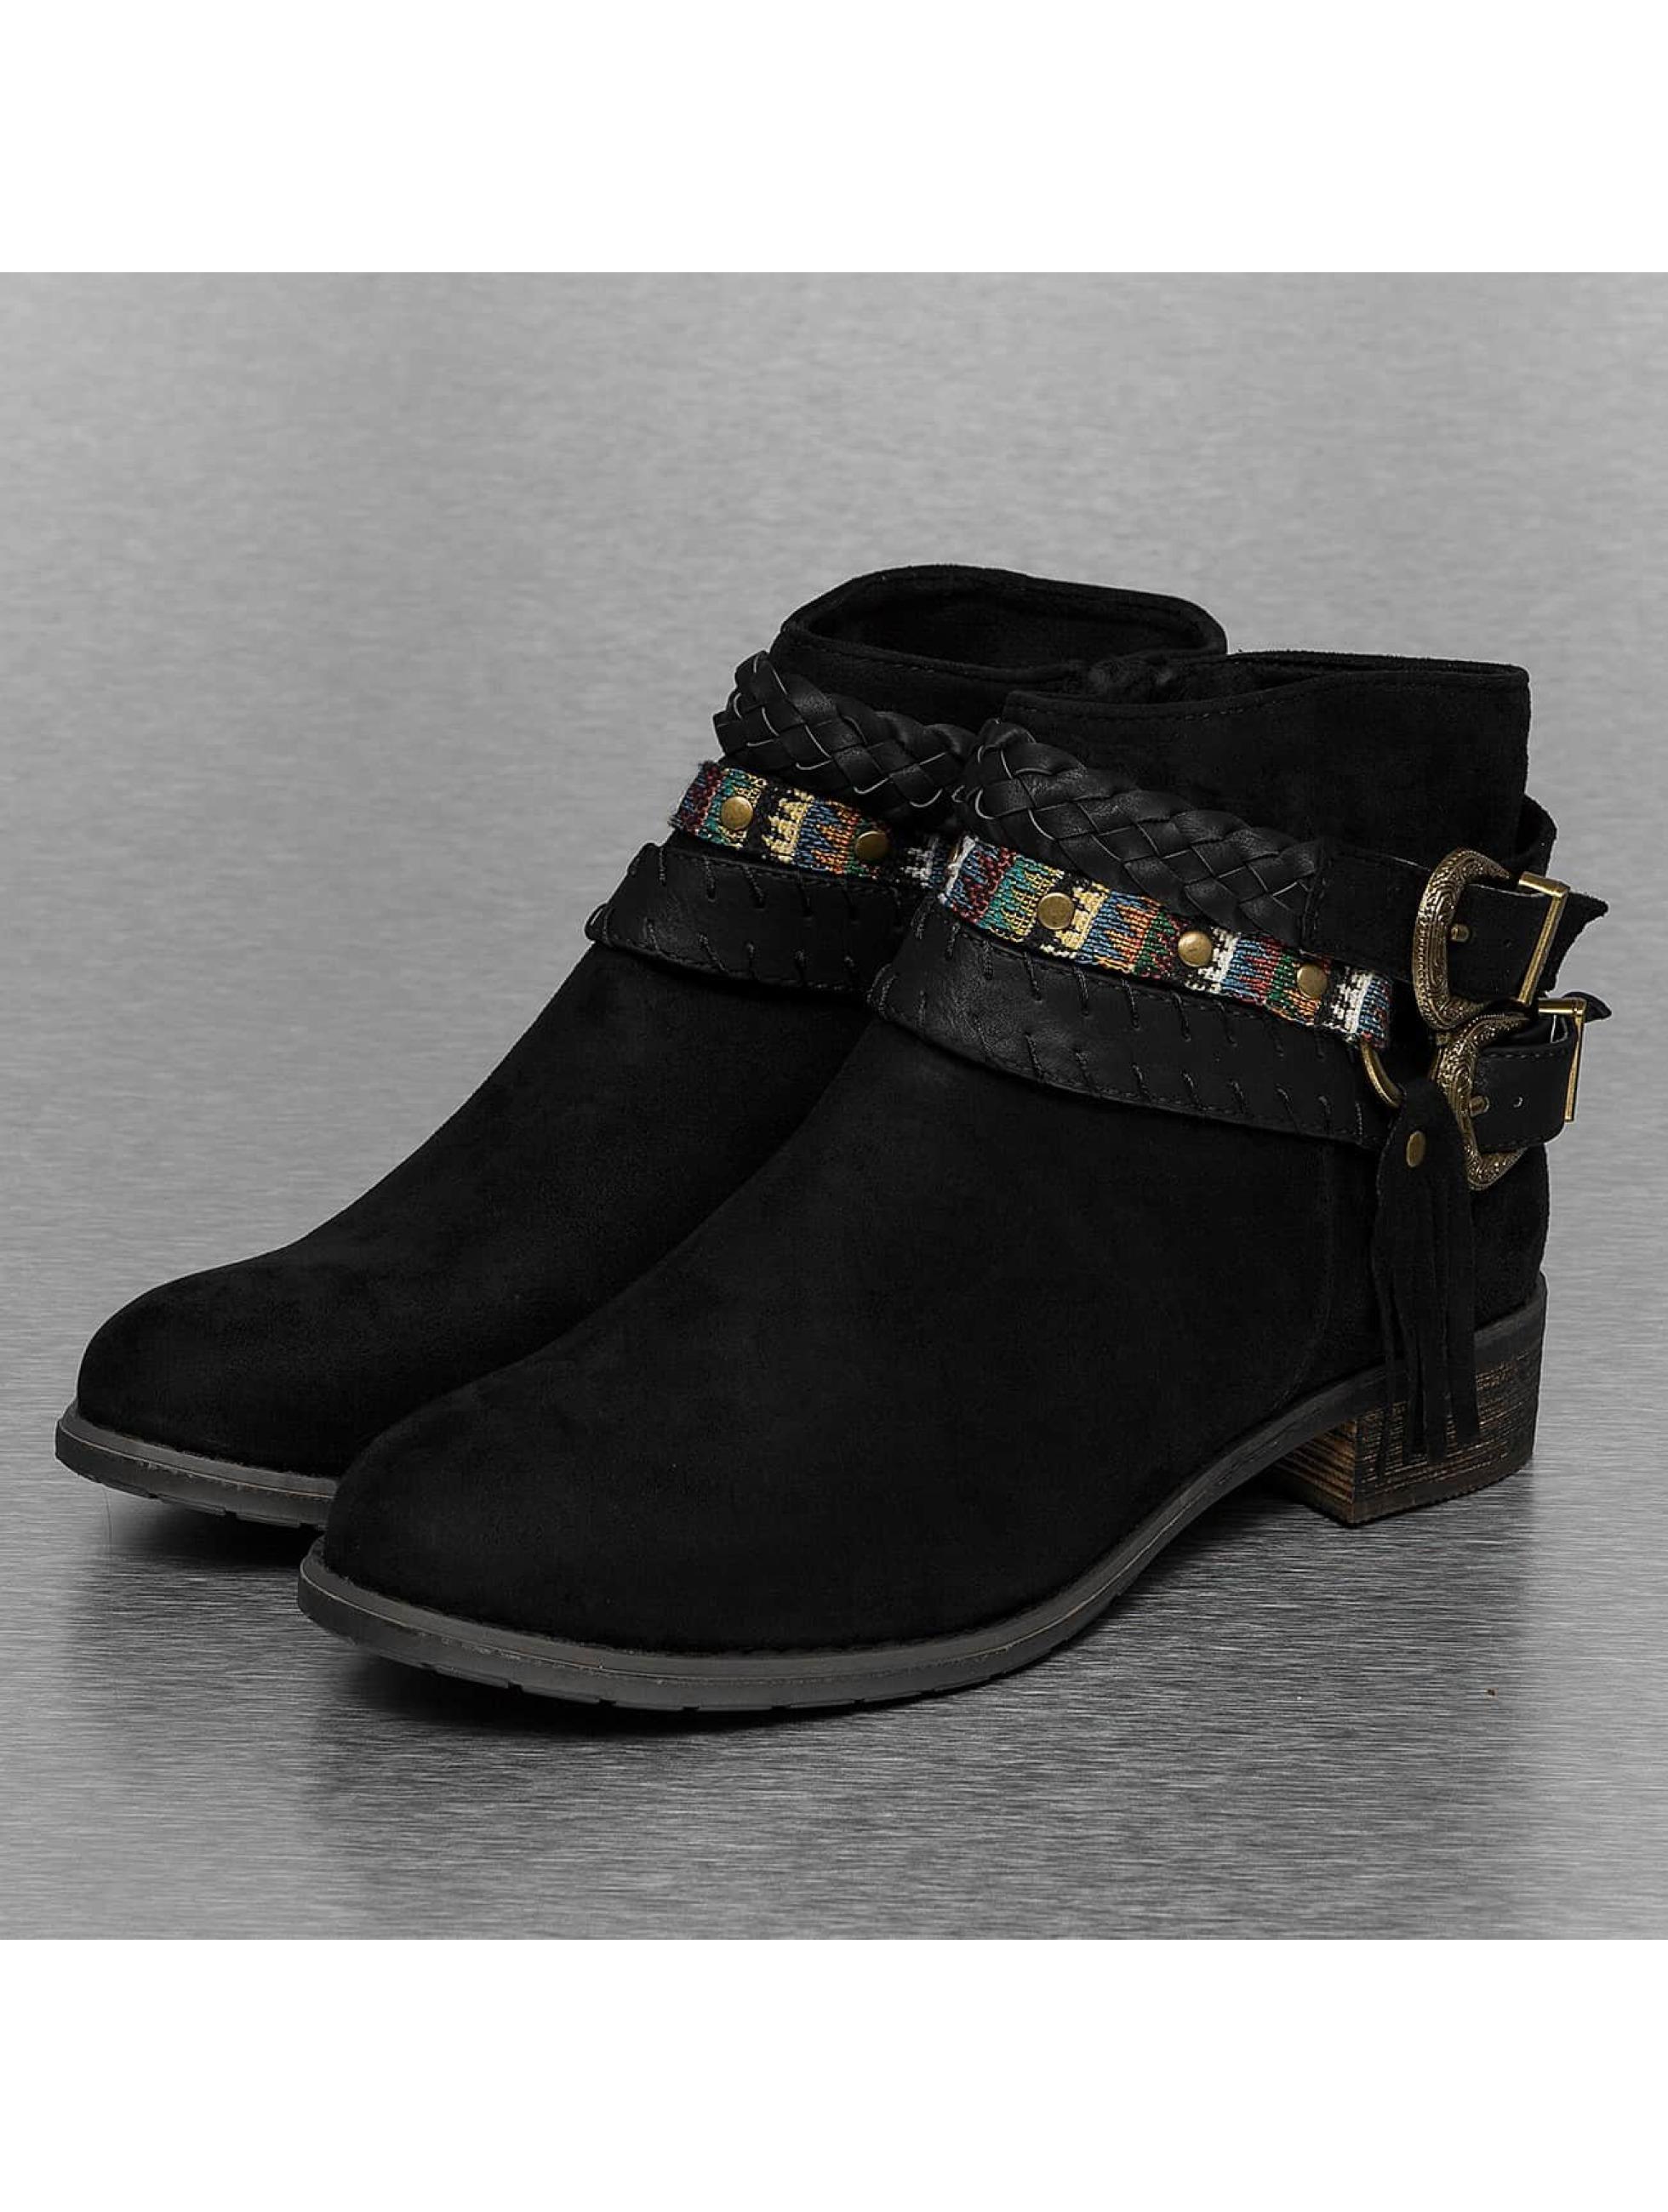 Stiefelette Chain Ethno in schwarz